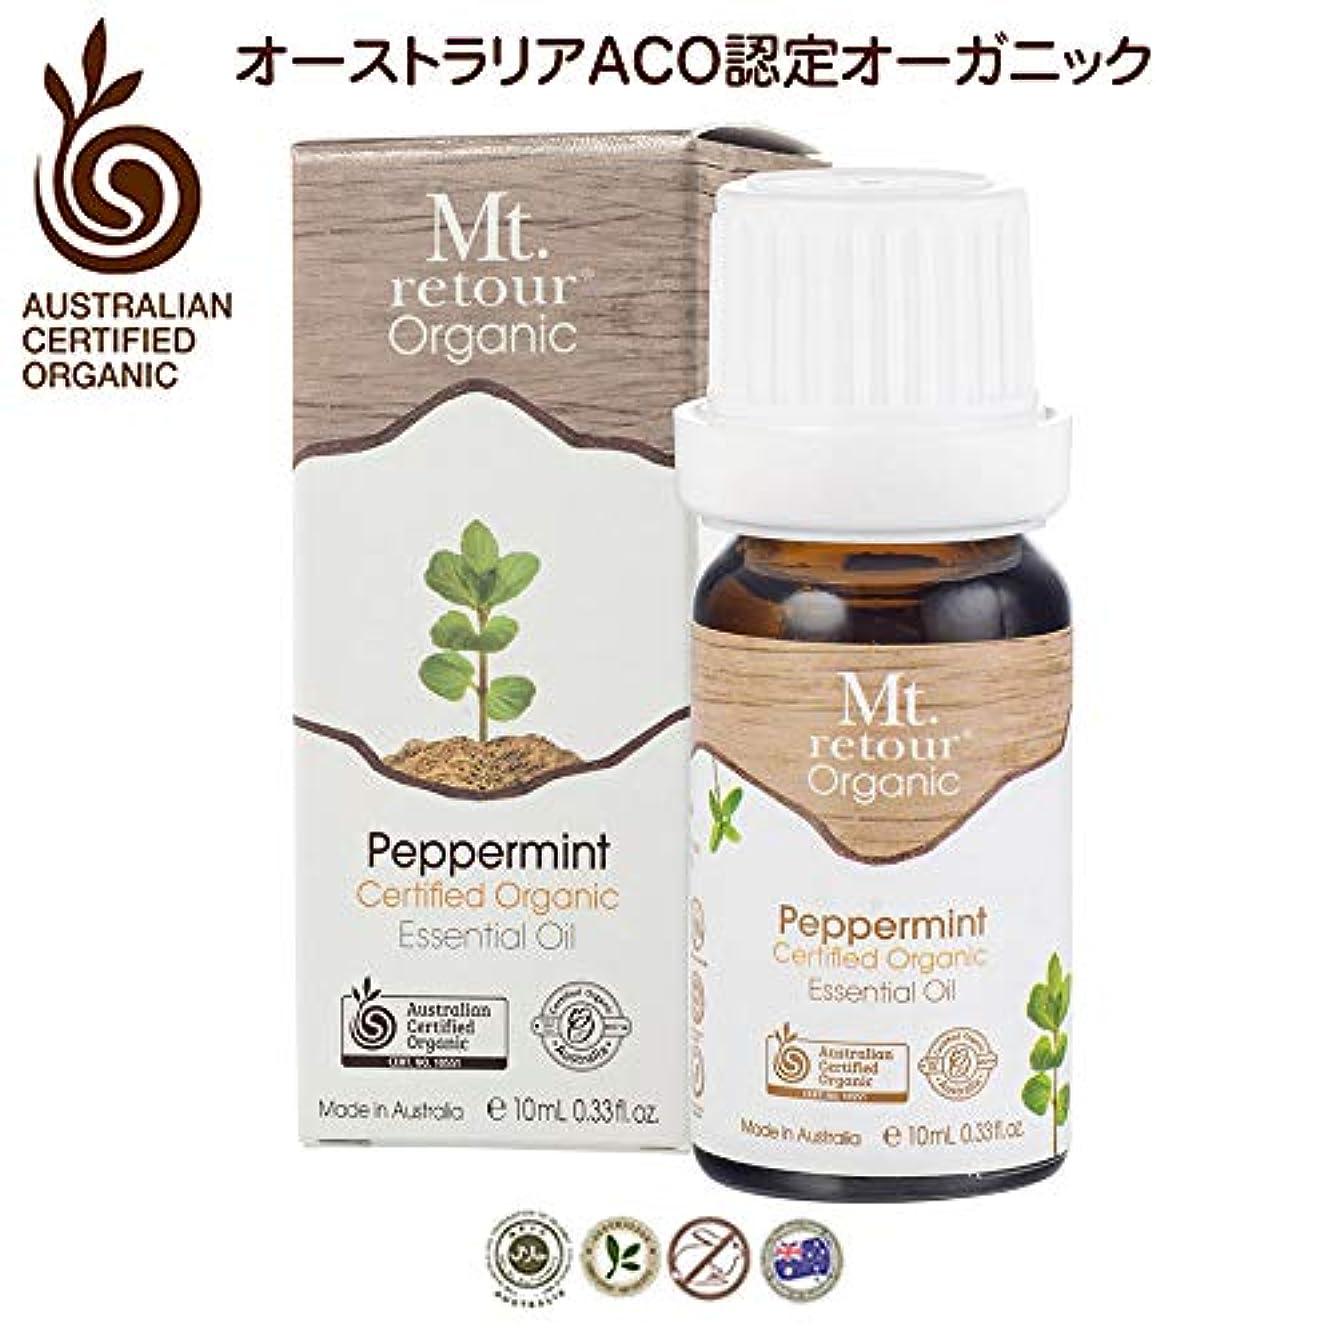 ゼロ軽食ソーダ水Mt. retour ACO認定オーガニック ペパーミント10ml エッセンシャルオイル(無農薬有機)アロマ